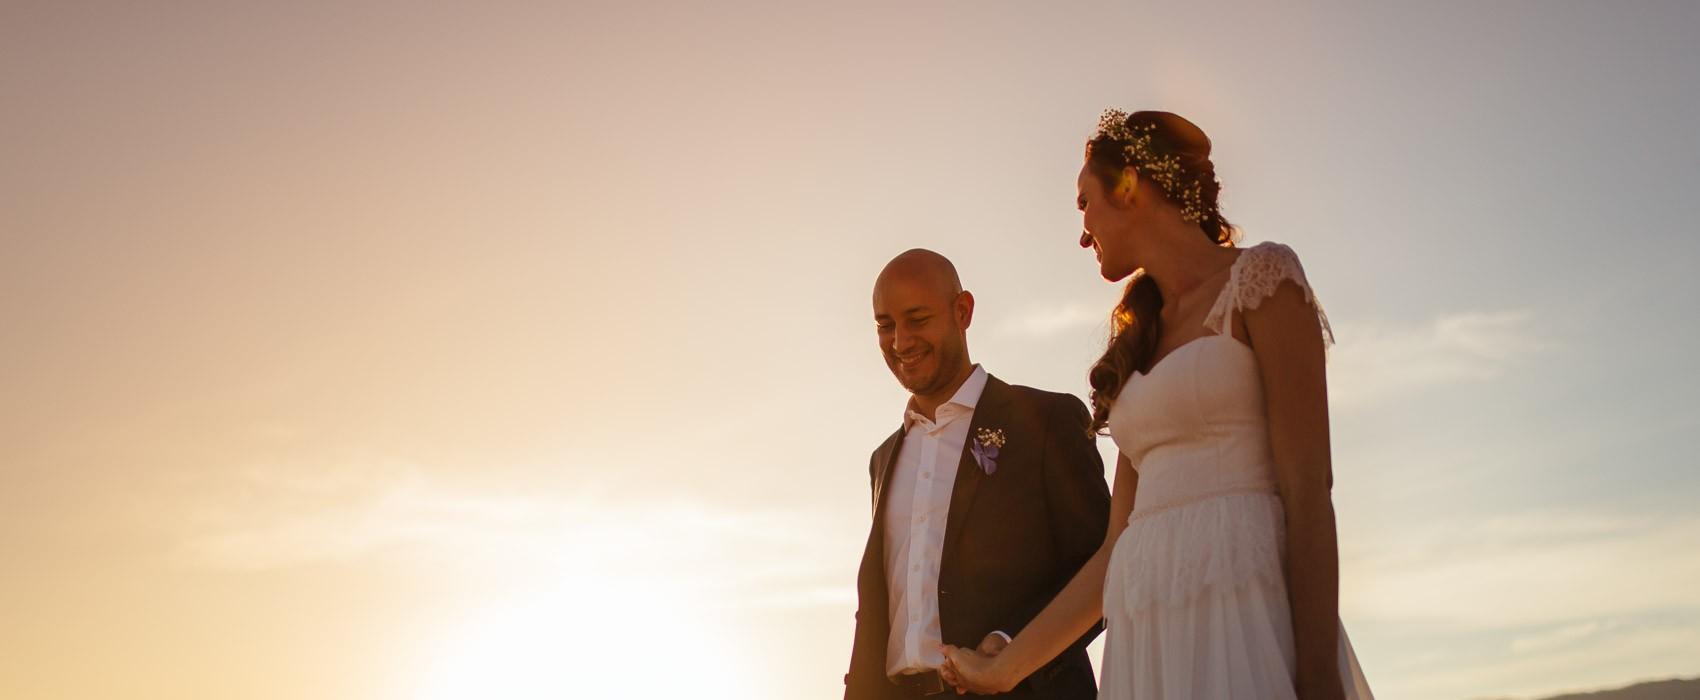 renato dpaula dicas fotos casamento no por do sol